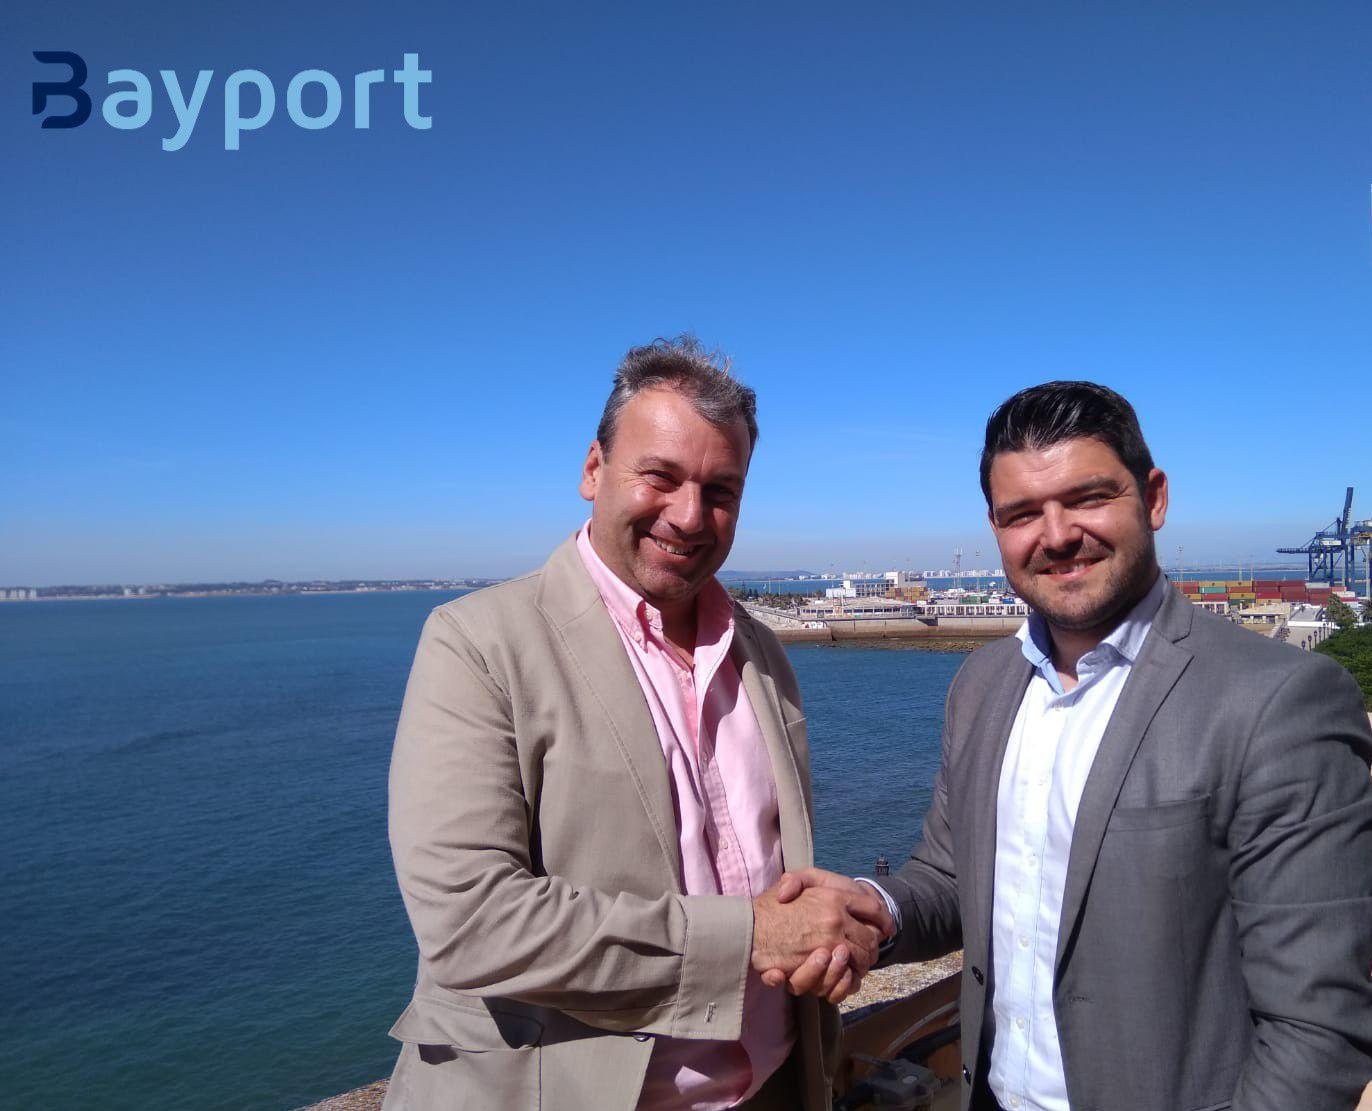 Bayport y la Escuela de Negocios Marítima IMBS apuestan por el fomento de la formación portuaria especializada